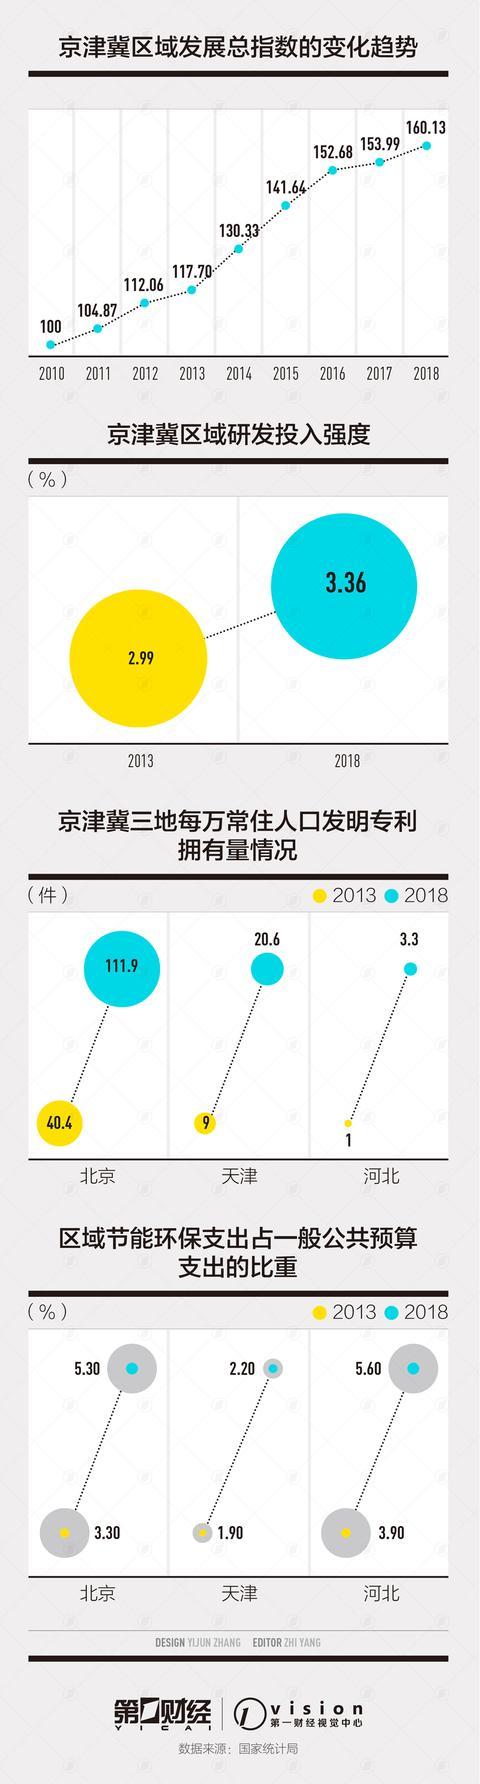 京津冀五年景绩单有哪些亮点?三地研发投入强度差异不竭缩小